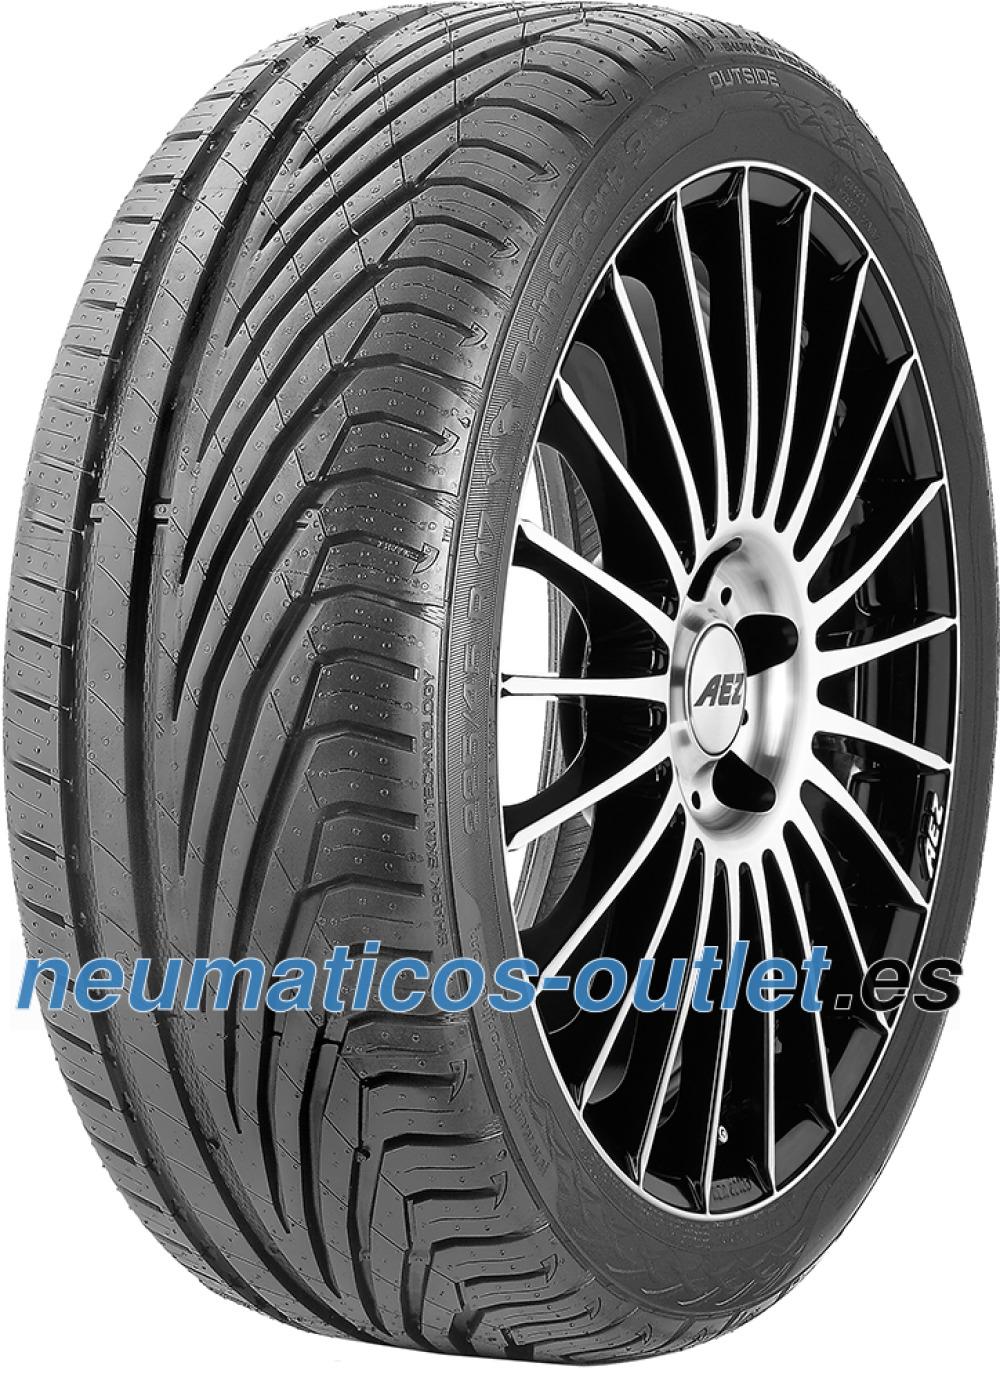 Uniroyal RainSport 3 ( 265/35 R18 97Y XL con protección de llanta lateral )